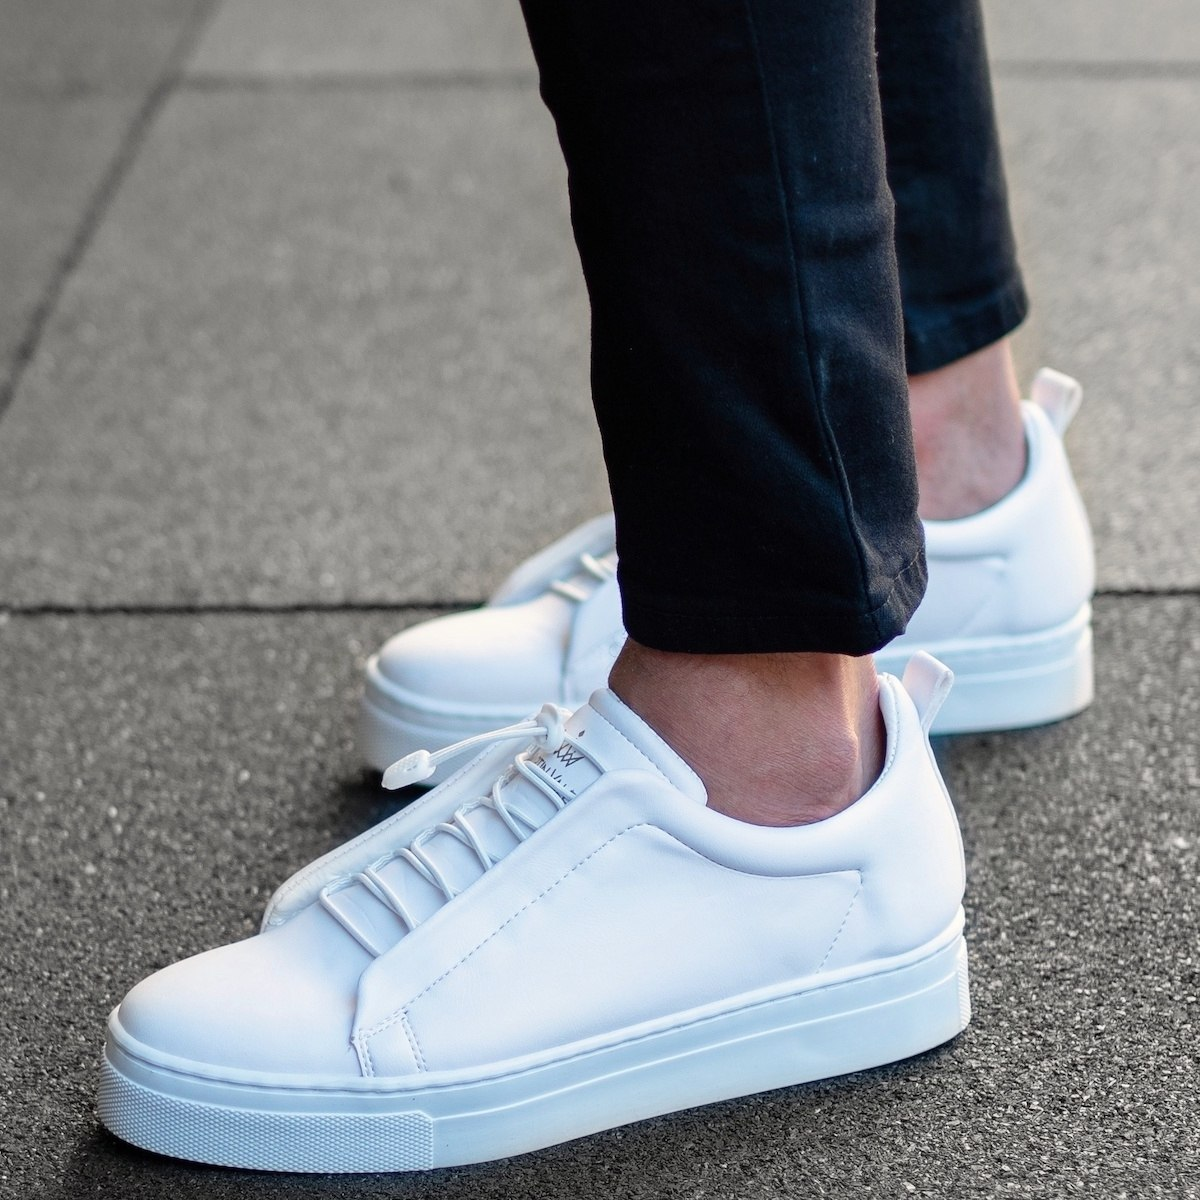 MV Dominant Sneakers in White